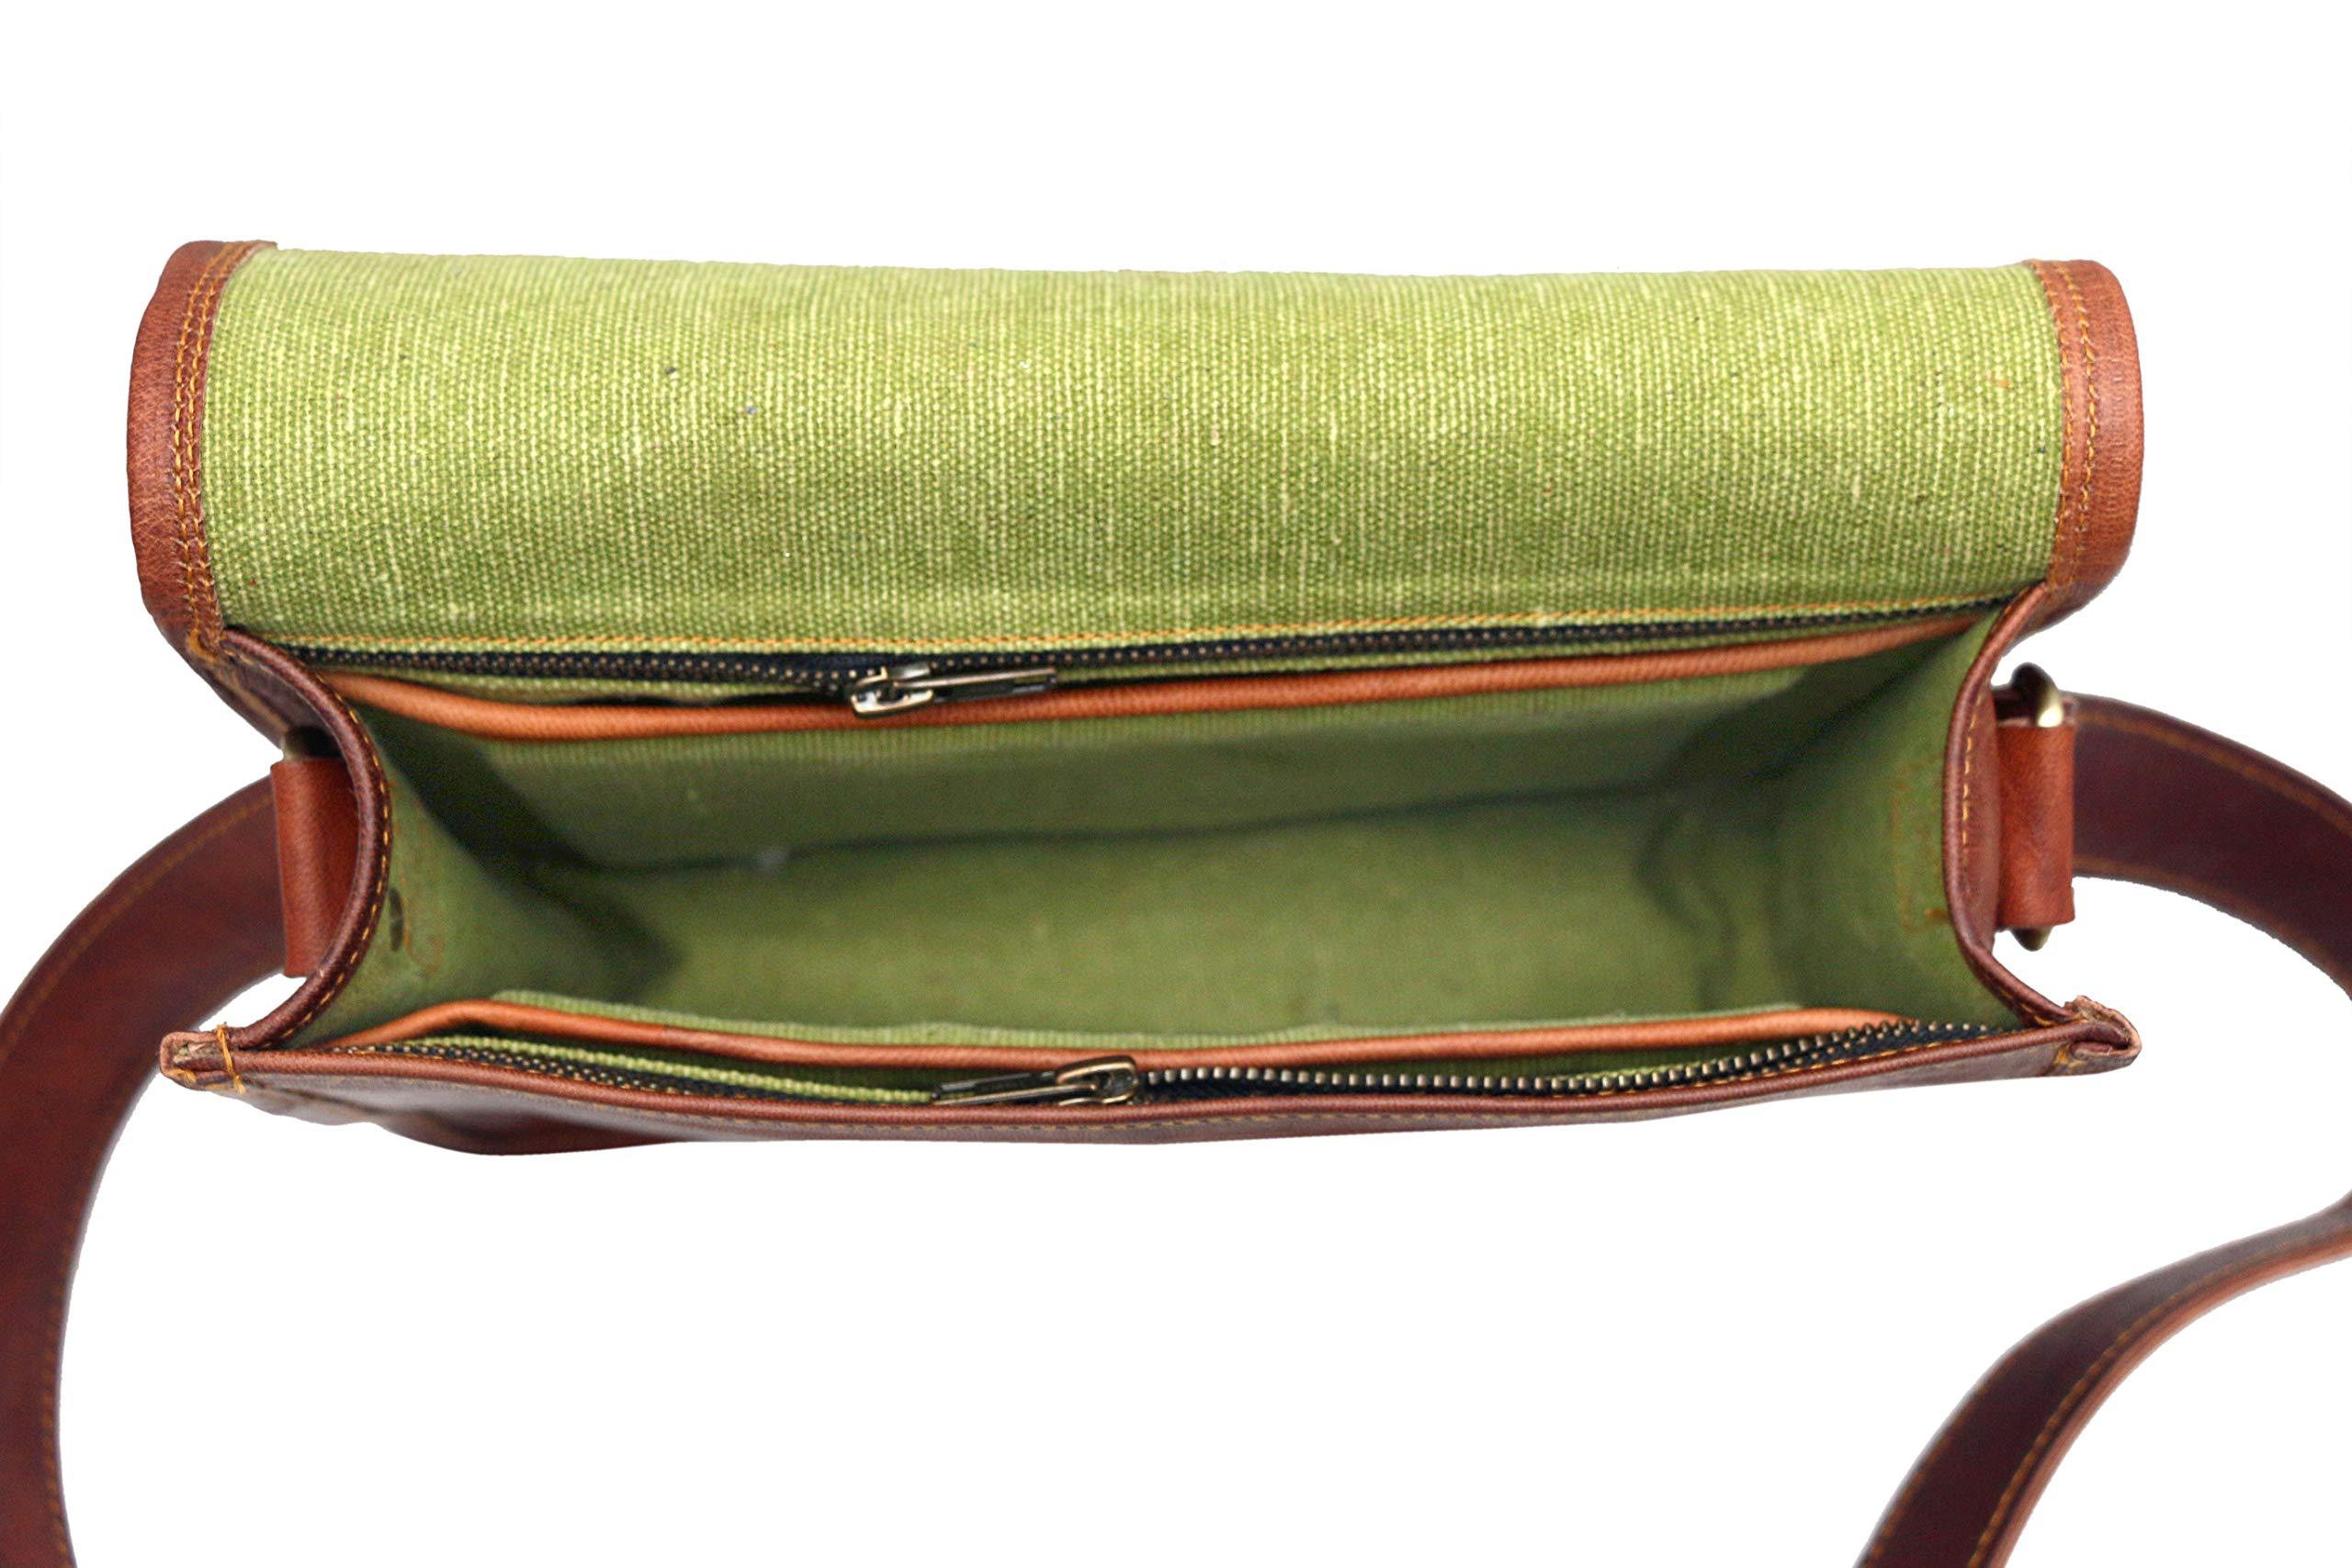 Leather bag Fair Deal / Full flap bag / laptop bag / best computer shoulder briefcase /  Handmade leather bag messenger bag for I pad / brown bag  by Fair Deal (Image #8)